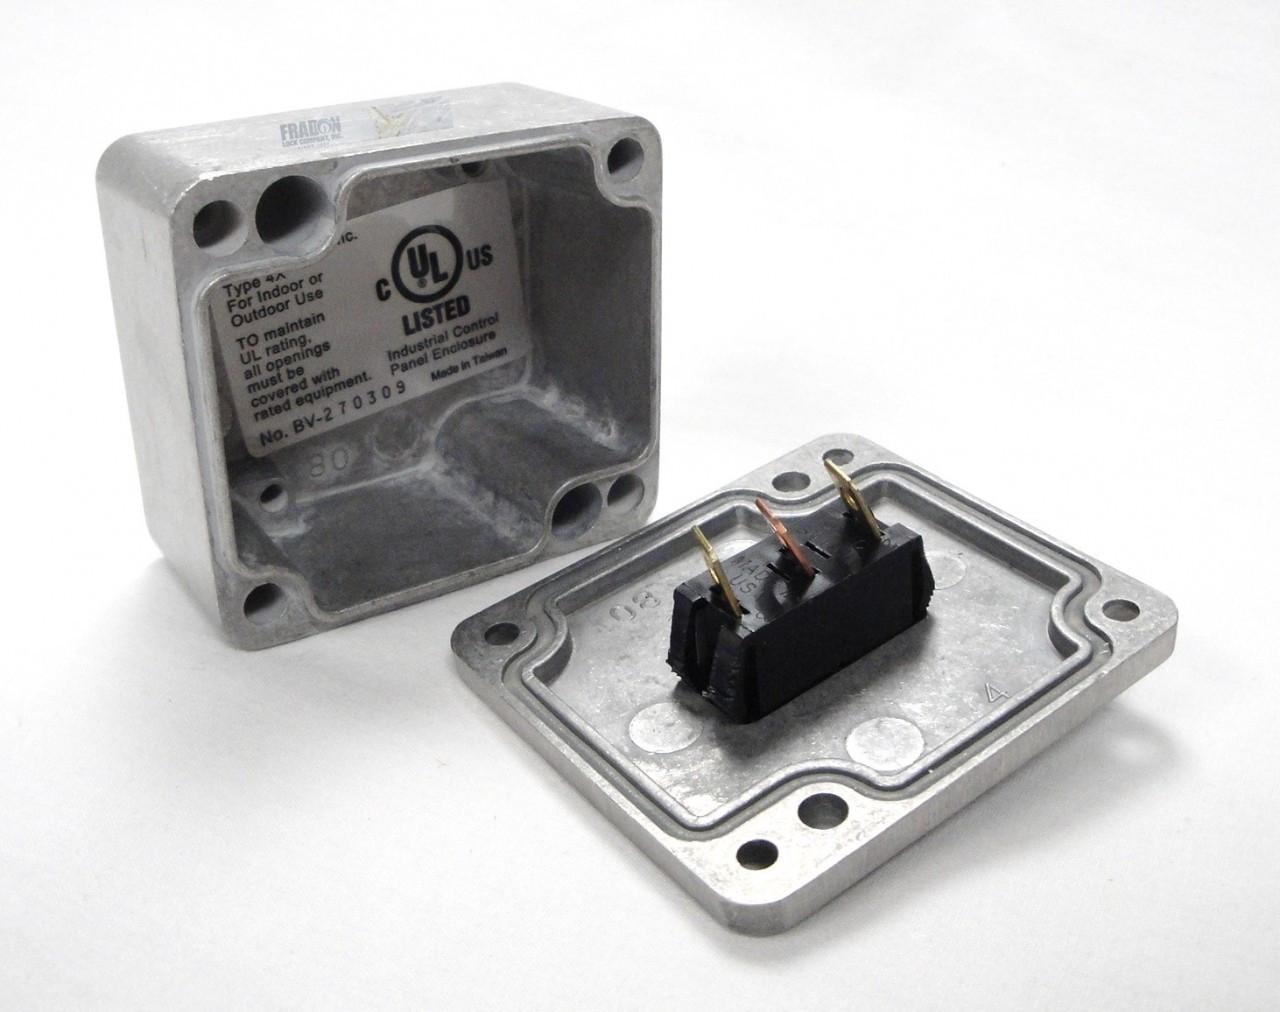 Camden Cm810 Remote Release Switch Nema Safeandlockstore